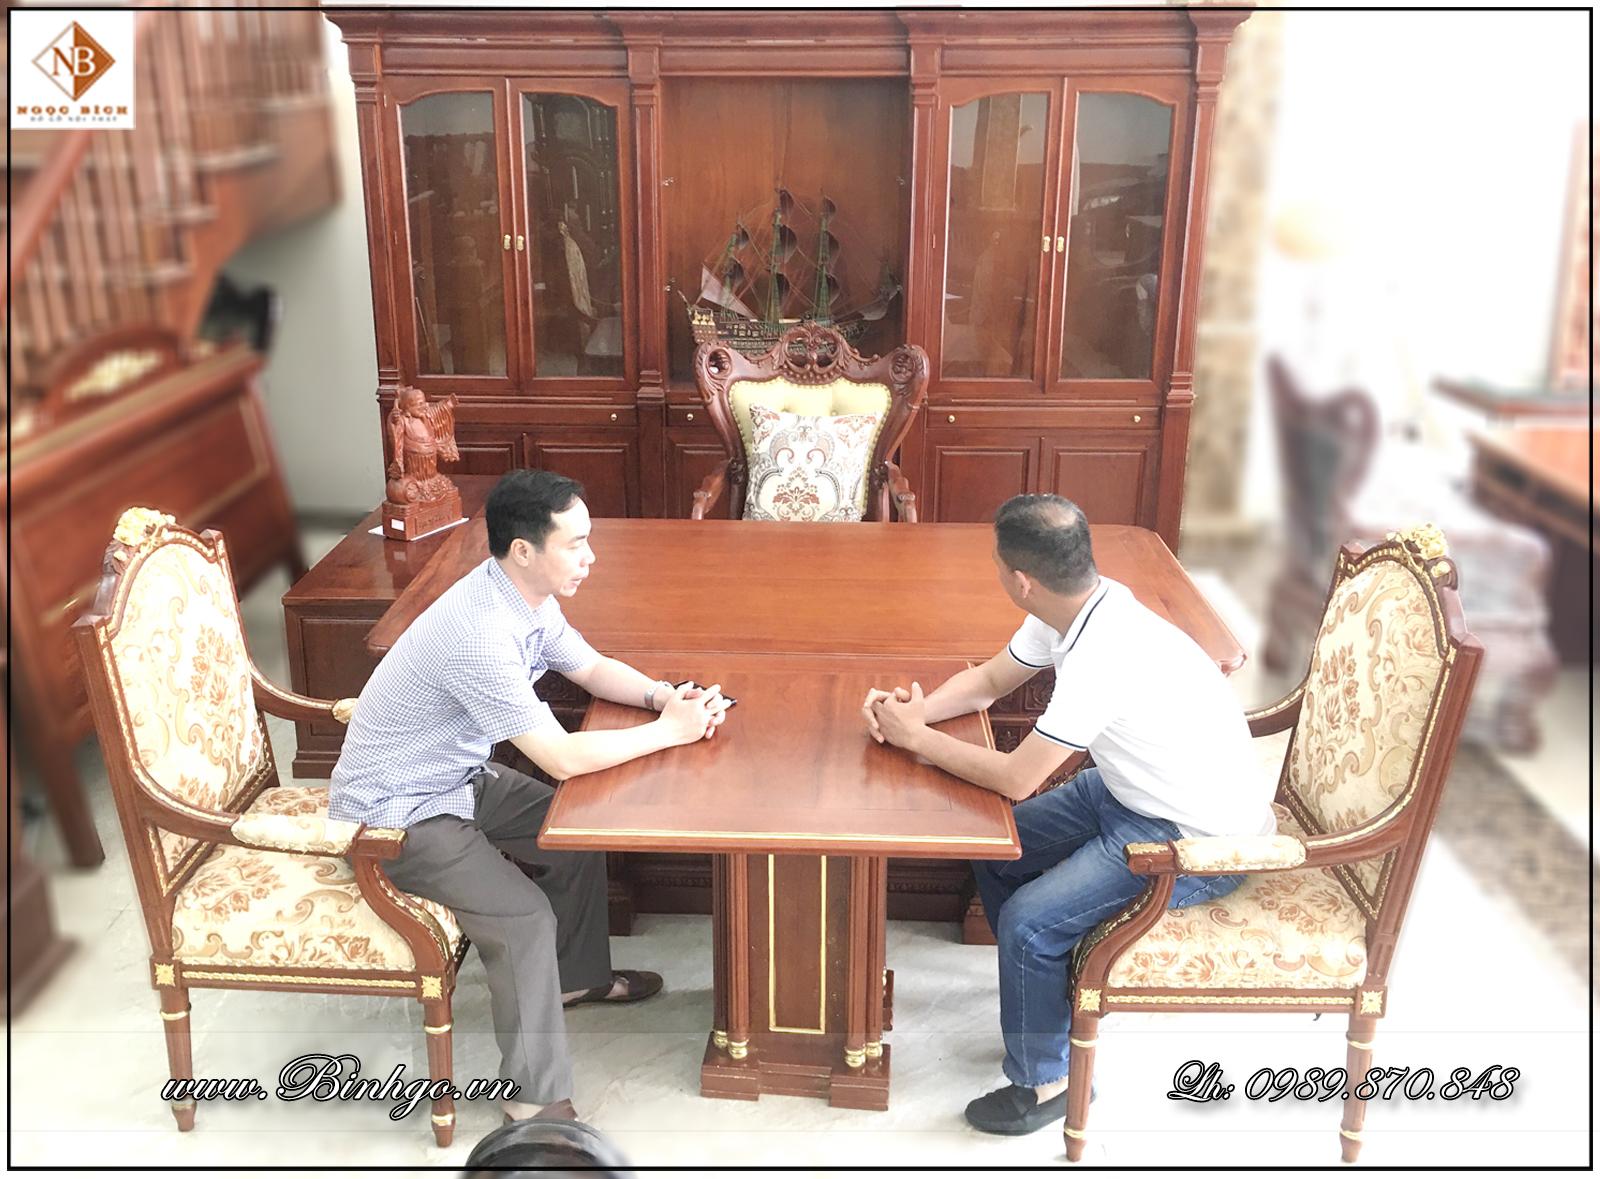 Bàn họp đôi Putin. Trong phòng Giám Đốc. Kích thước 69x69x77cm hoặc 81x81x77cm